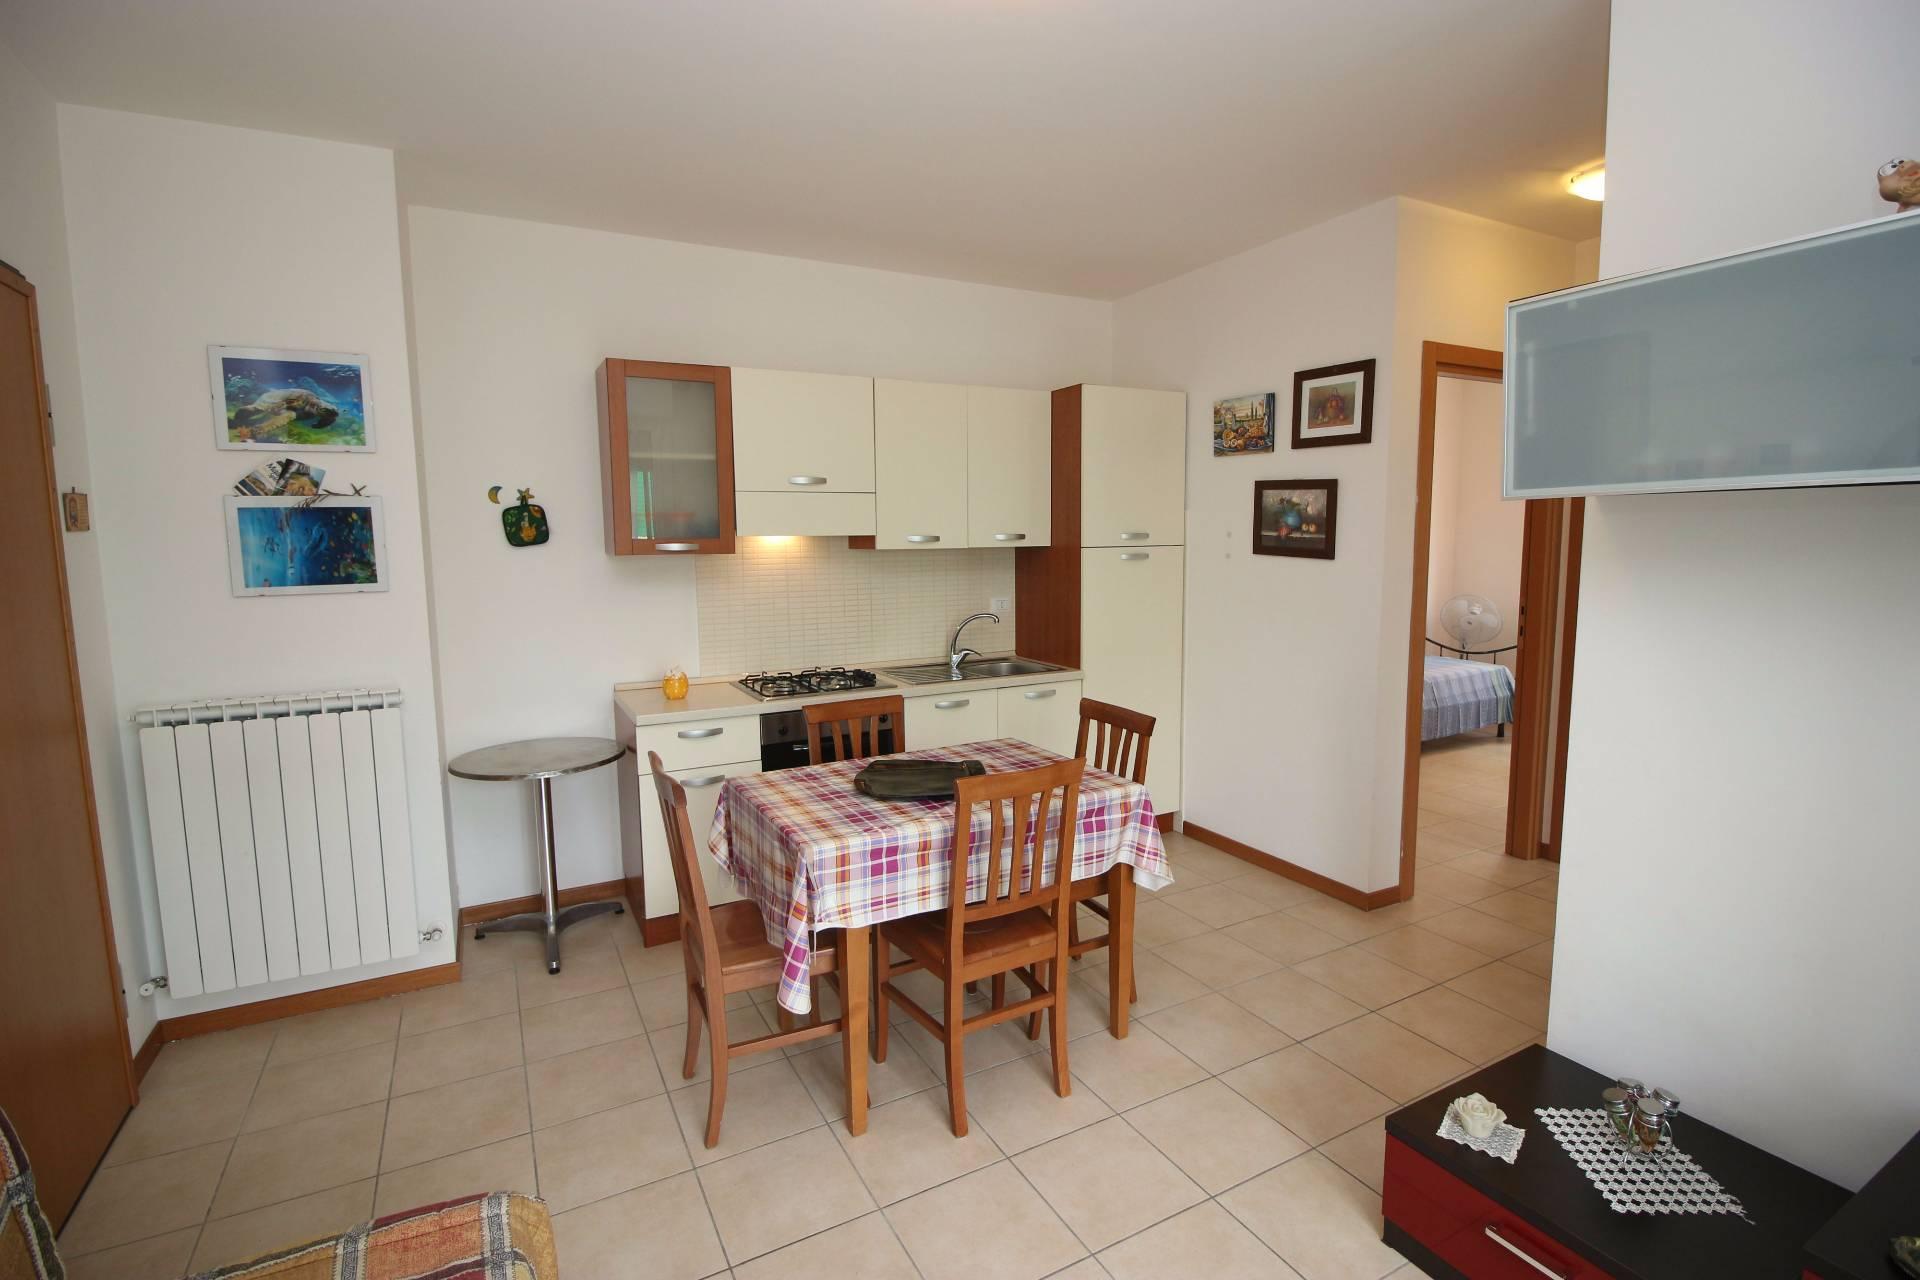 Appartamento in vendita a Tortoreto, 3 locali, zona Località: TortoretoLido, prezzo € 93.000 | CambioCasa.it